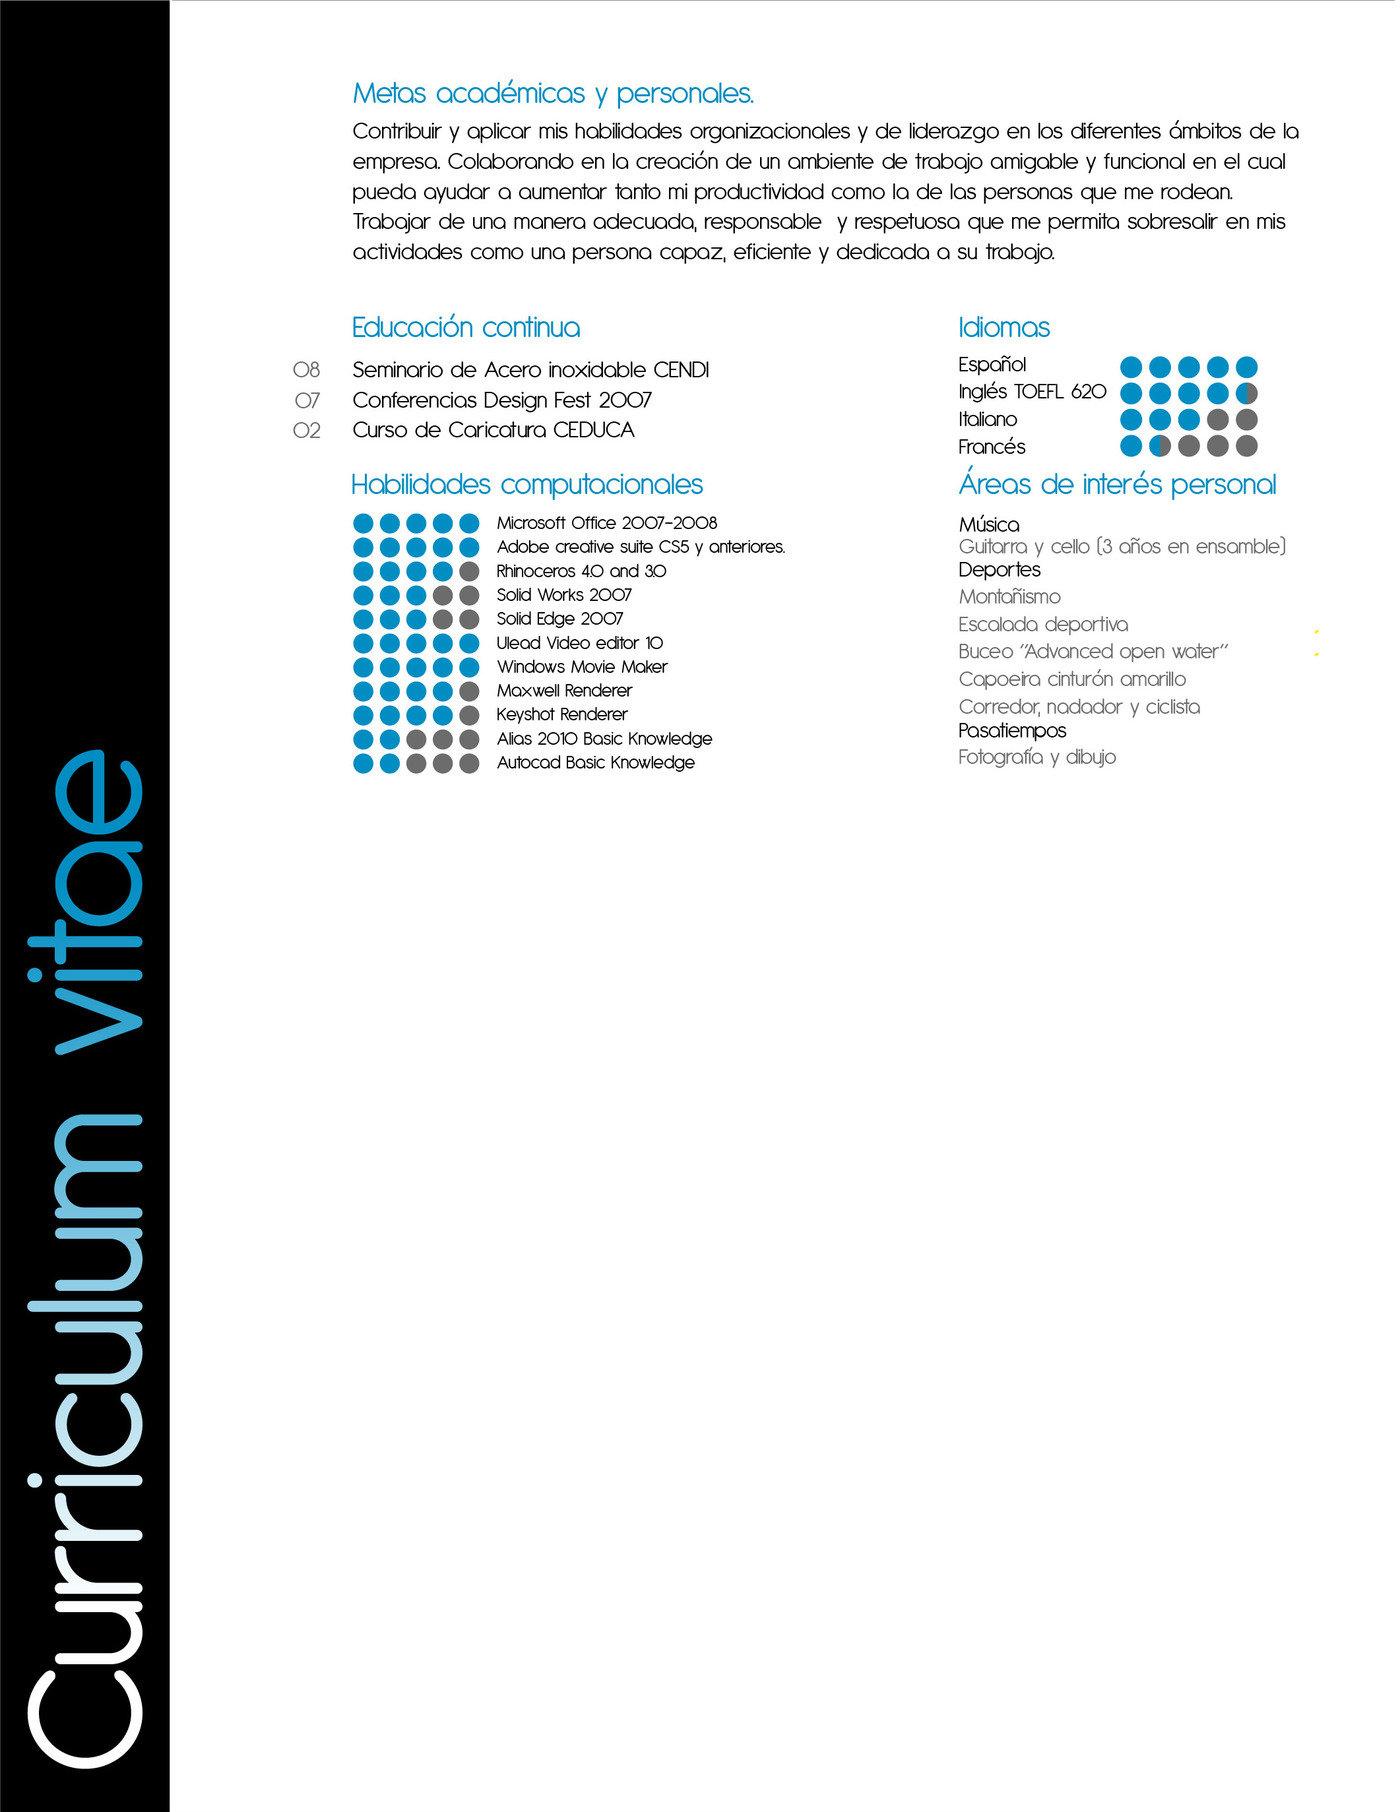 Único Describiendo Las Habilidades De Microsoft Office Resume ...